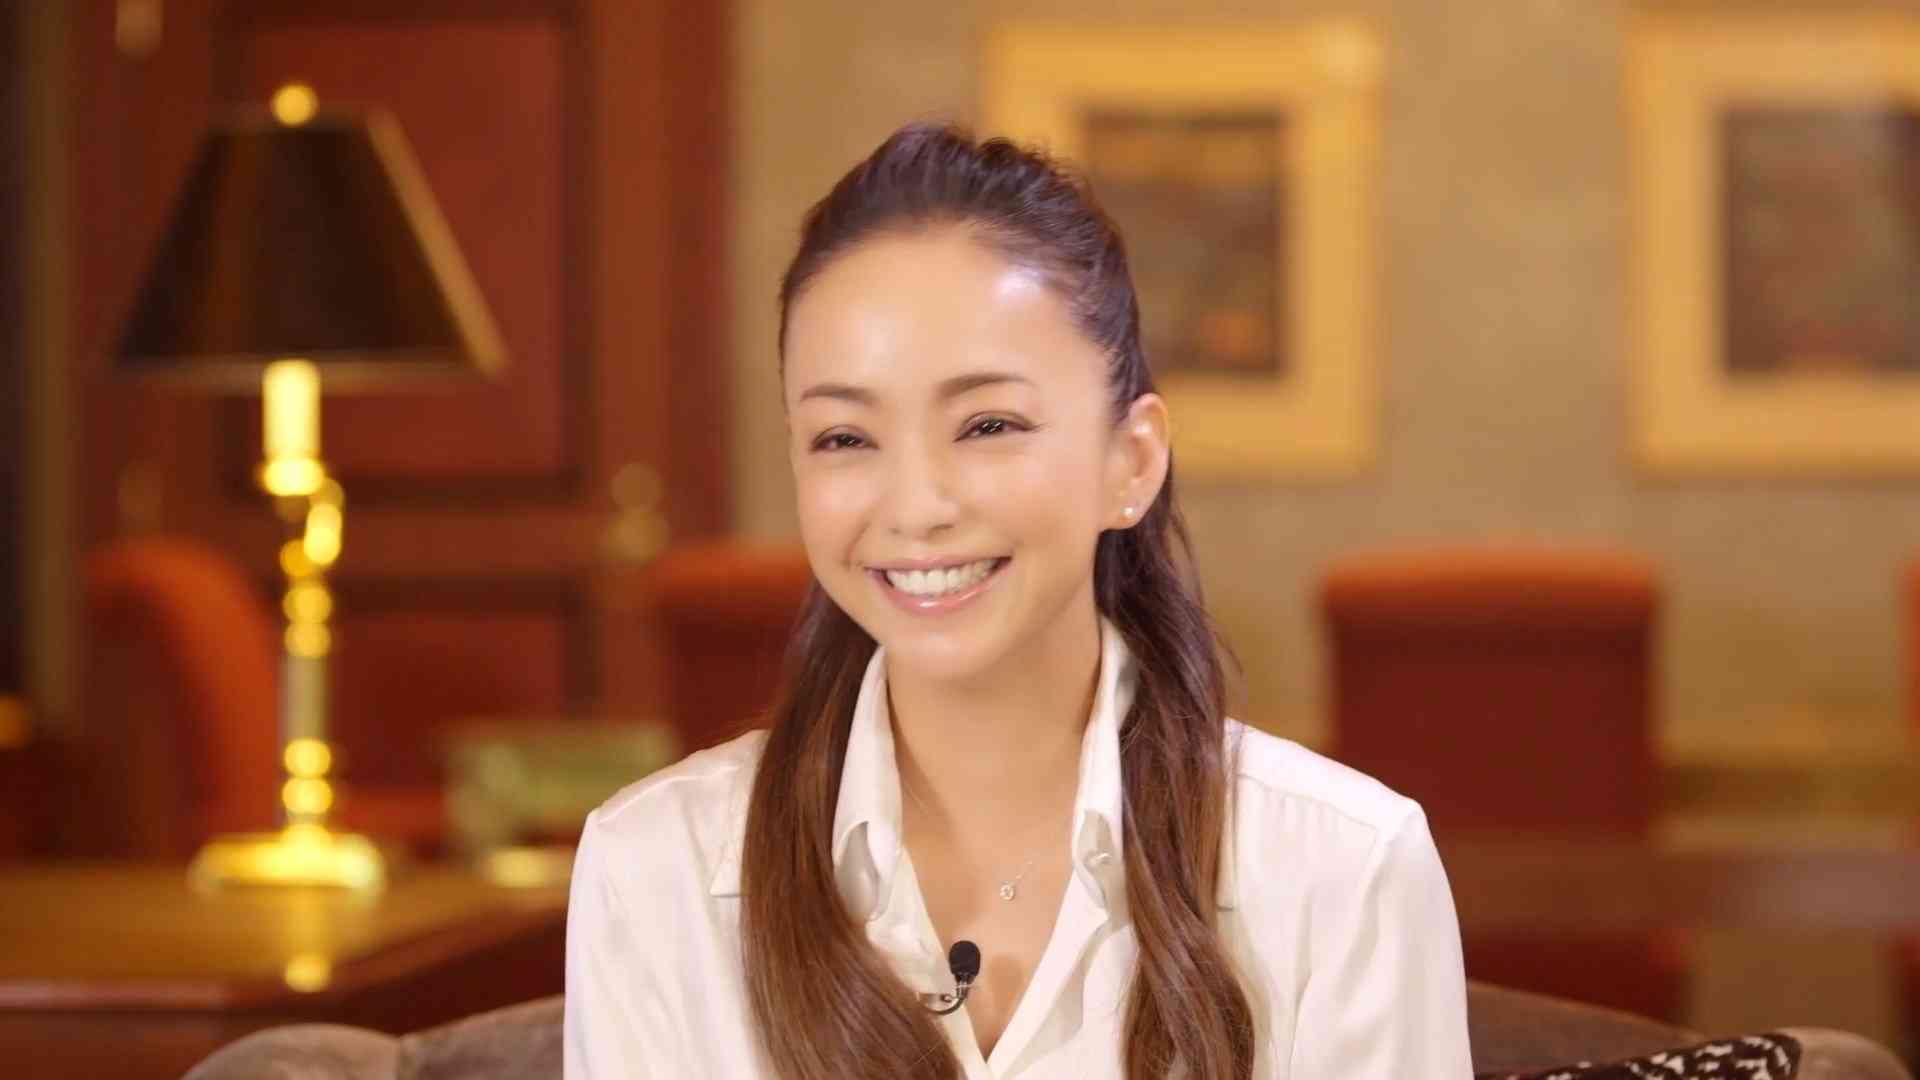 安室奈美恵 引退までの心境告白「次のステップへの通過点」「来年までずっと不安」